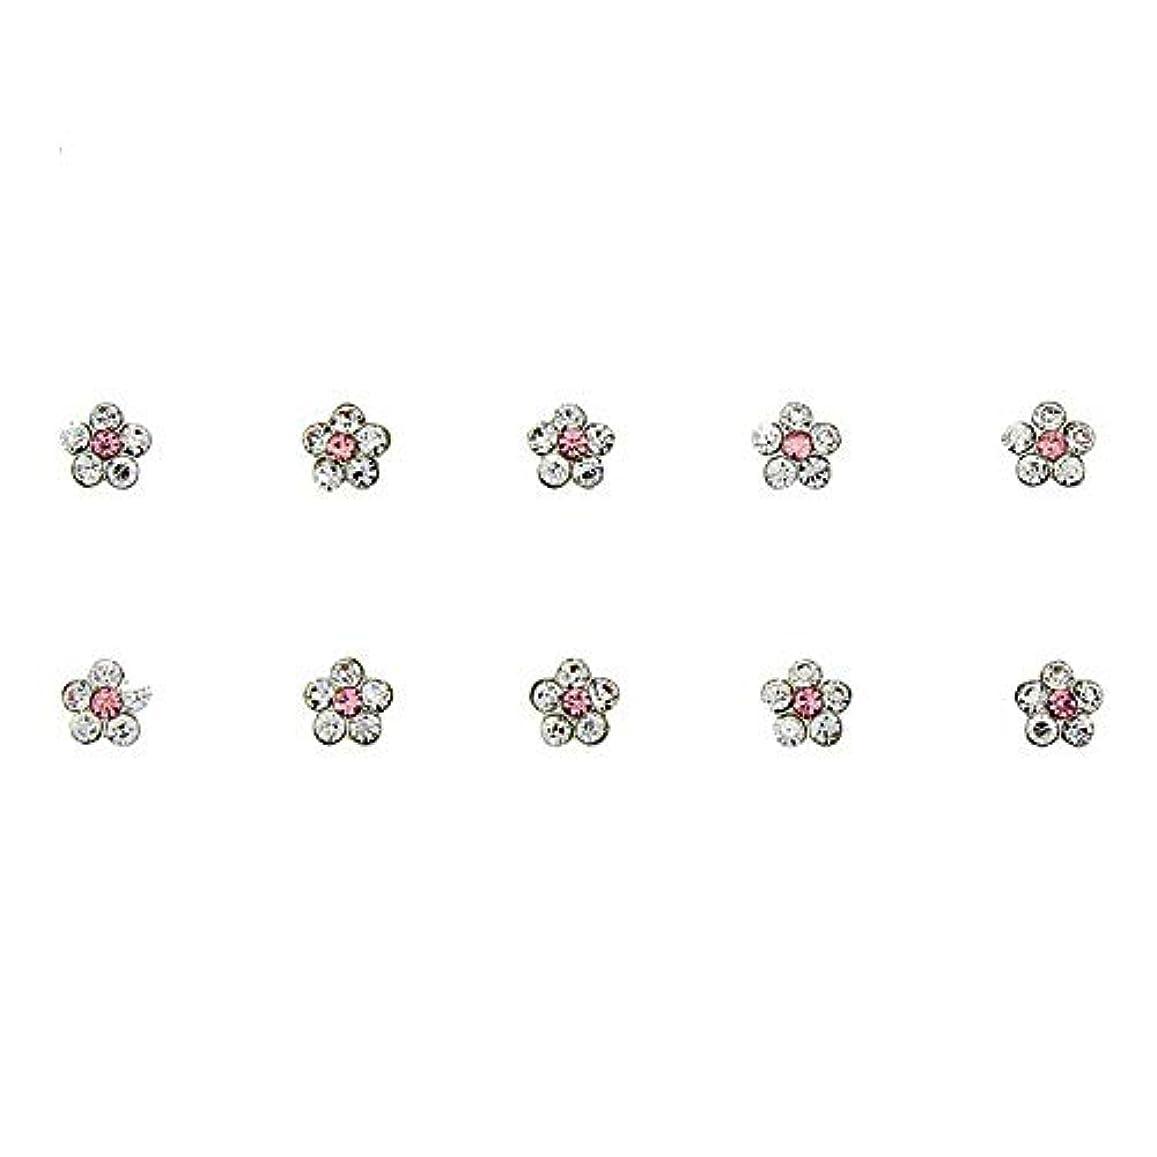 アミューズメント星アミューズメントネイルズフラワーデザインの3Dネイルアートの装飾グリッター合金ピンクストラスマニキュア用10個/ロットクリスタルラインストーン